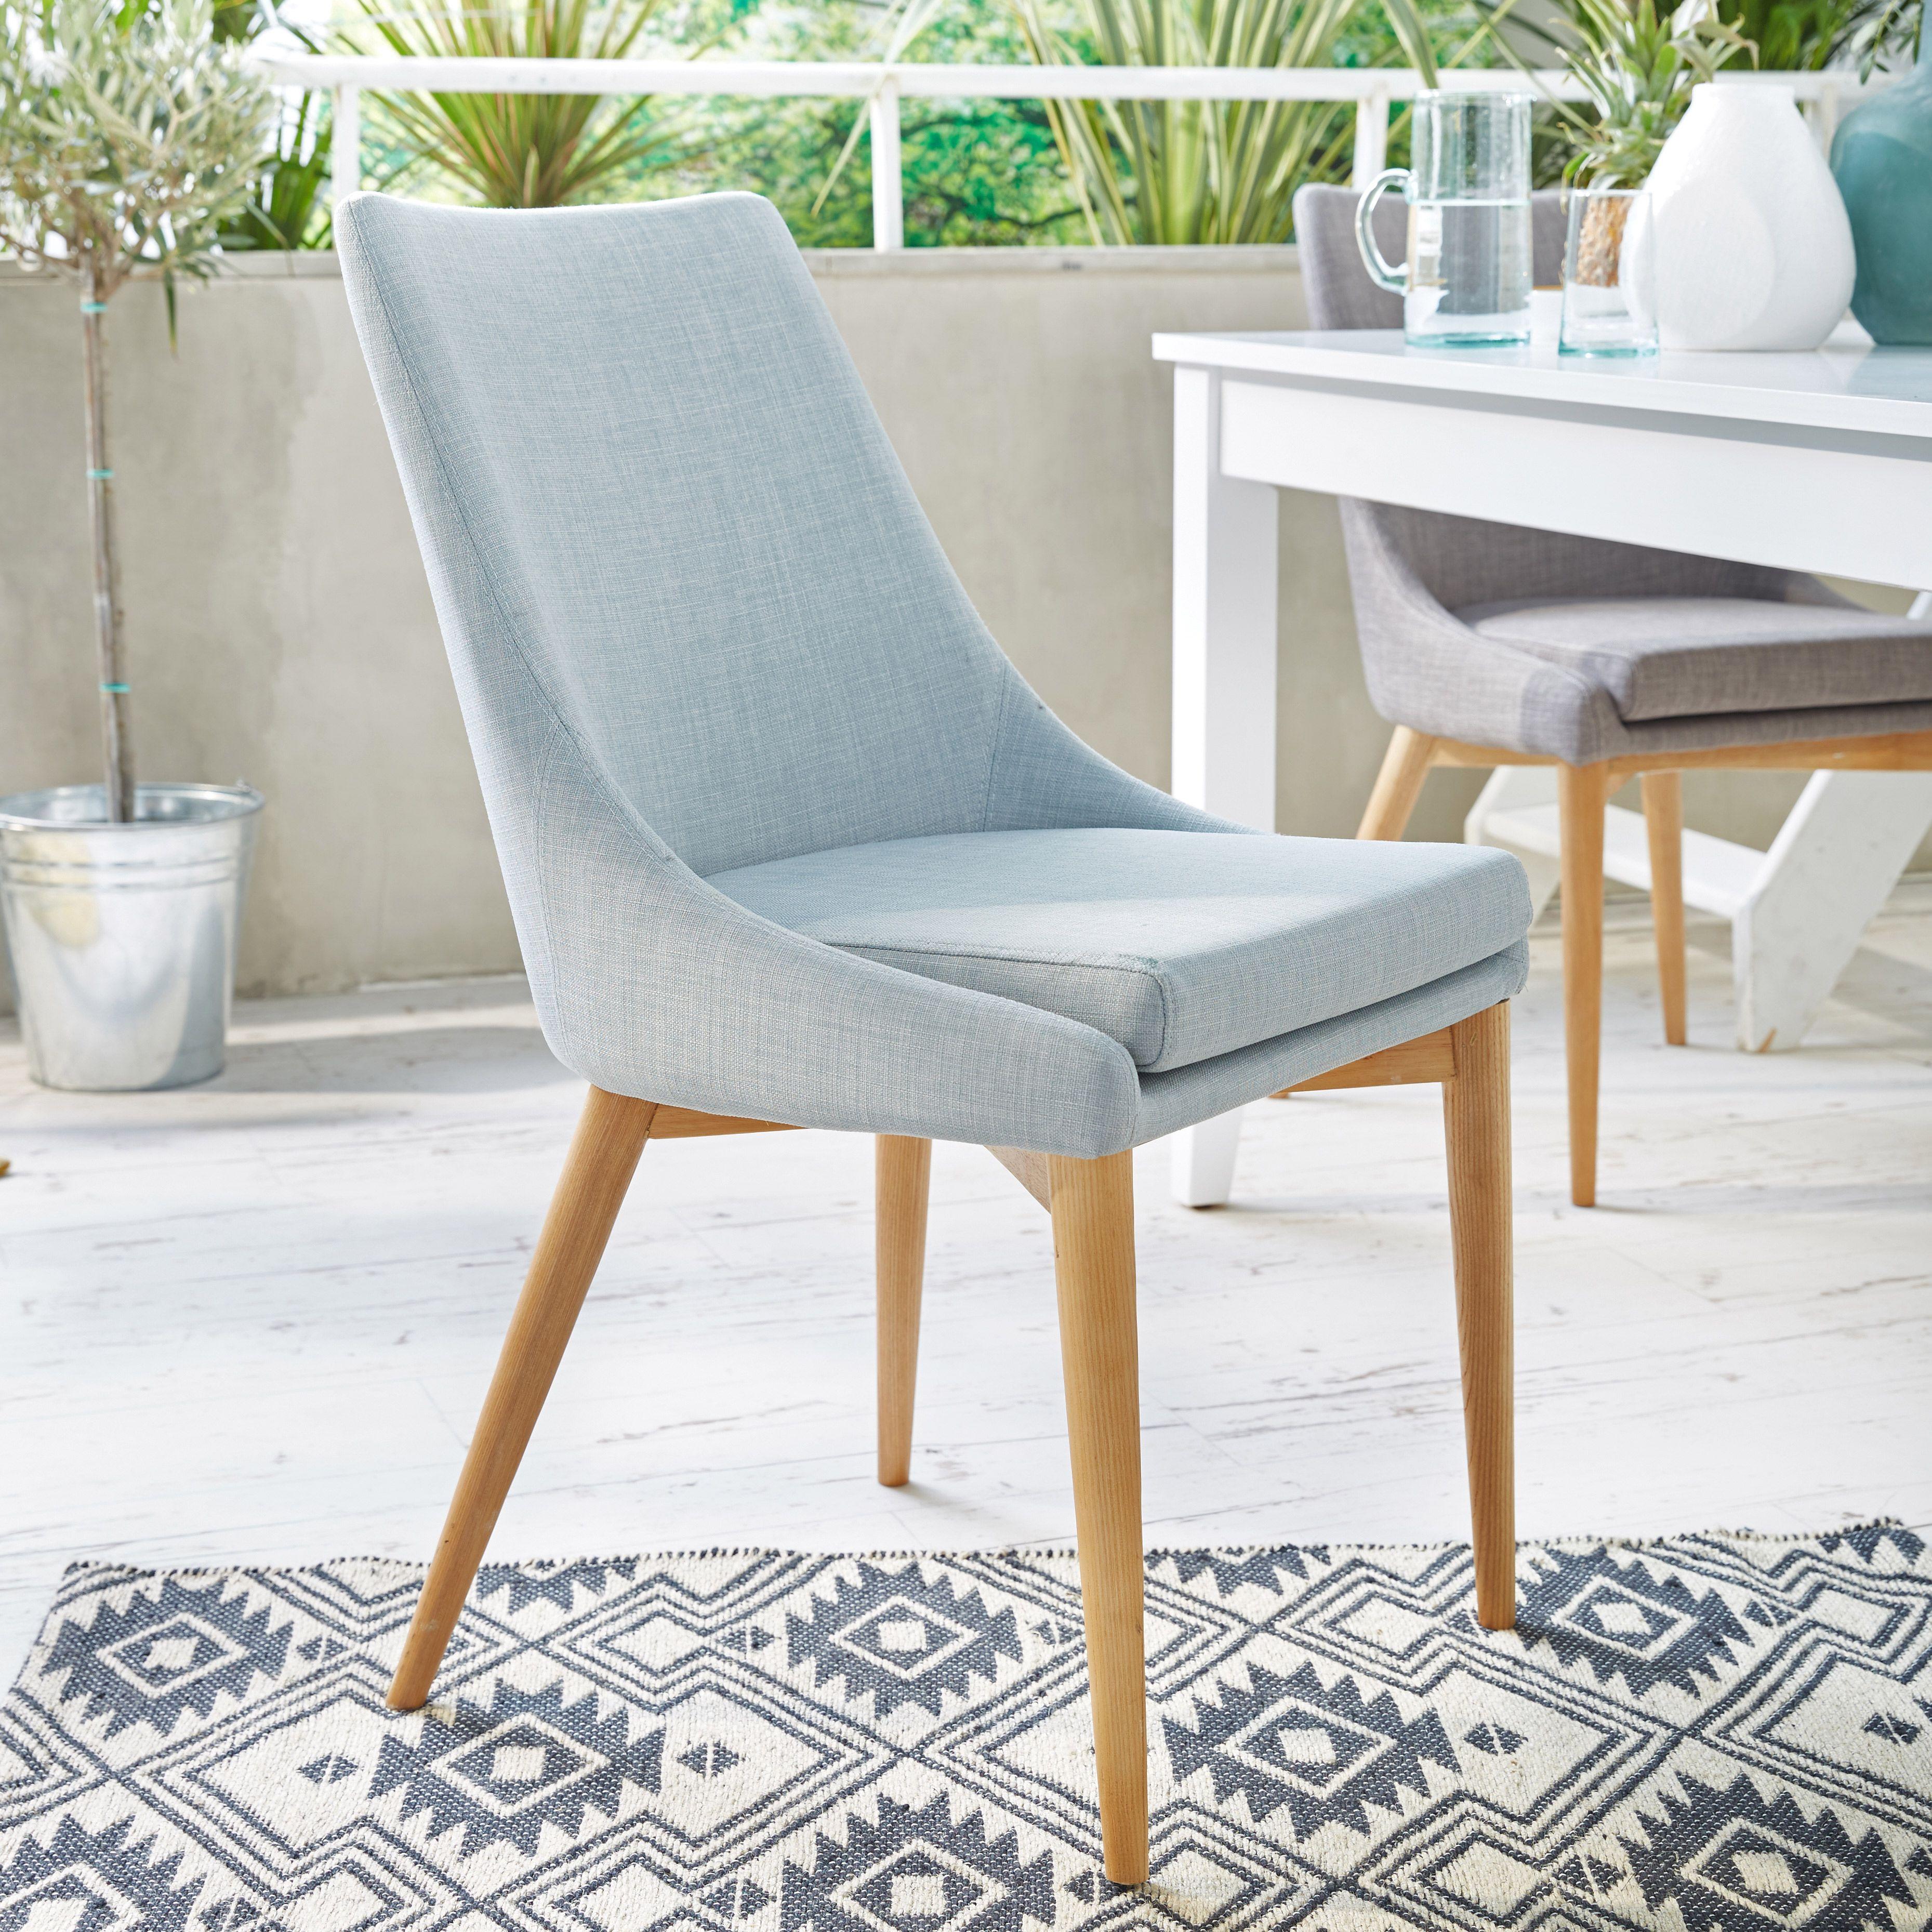 Chaises Alinea Salle A Manger abby | chaise en hévéa et frêne gris clair - décoration